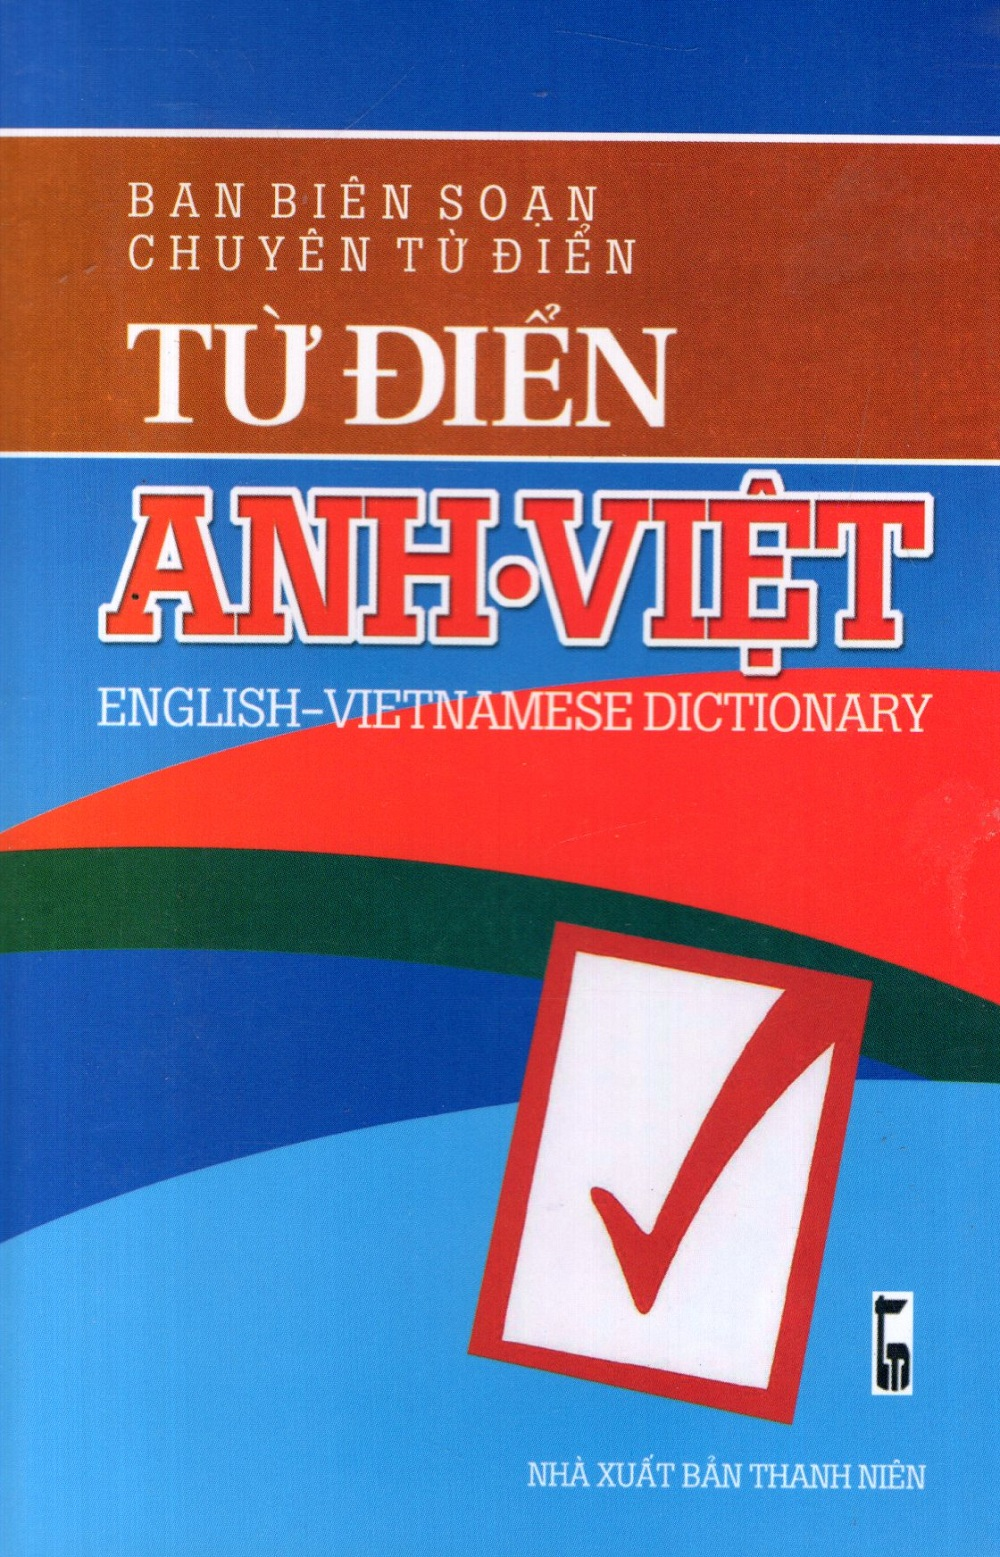 Từ Điển Anh - Việt (Khoảng 50.000 Từ) - Sách Bỏ Túi